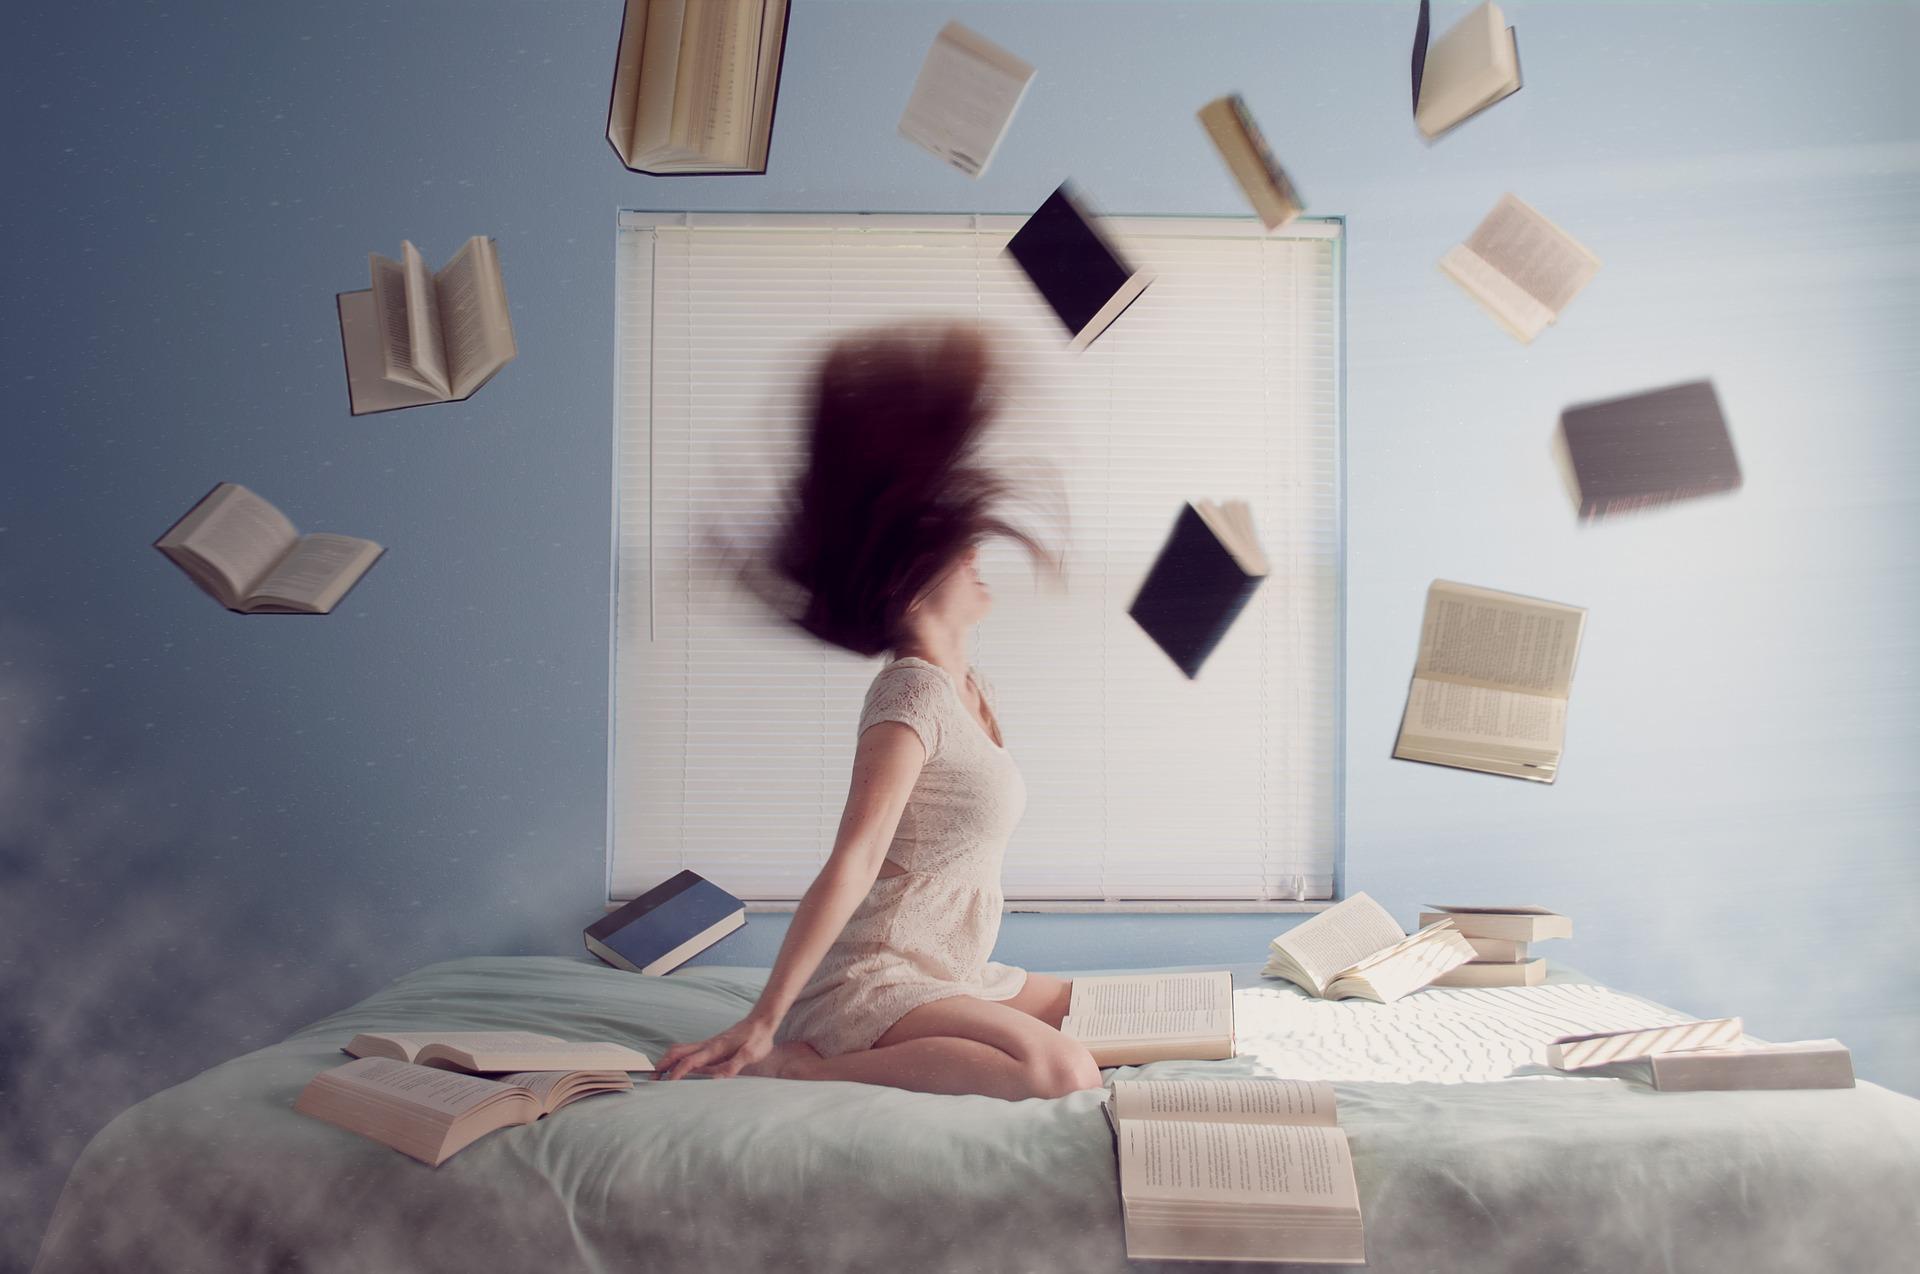 勉強に悩んでいる女性